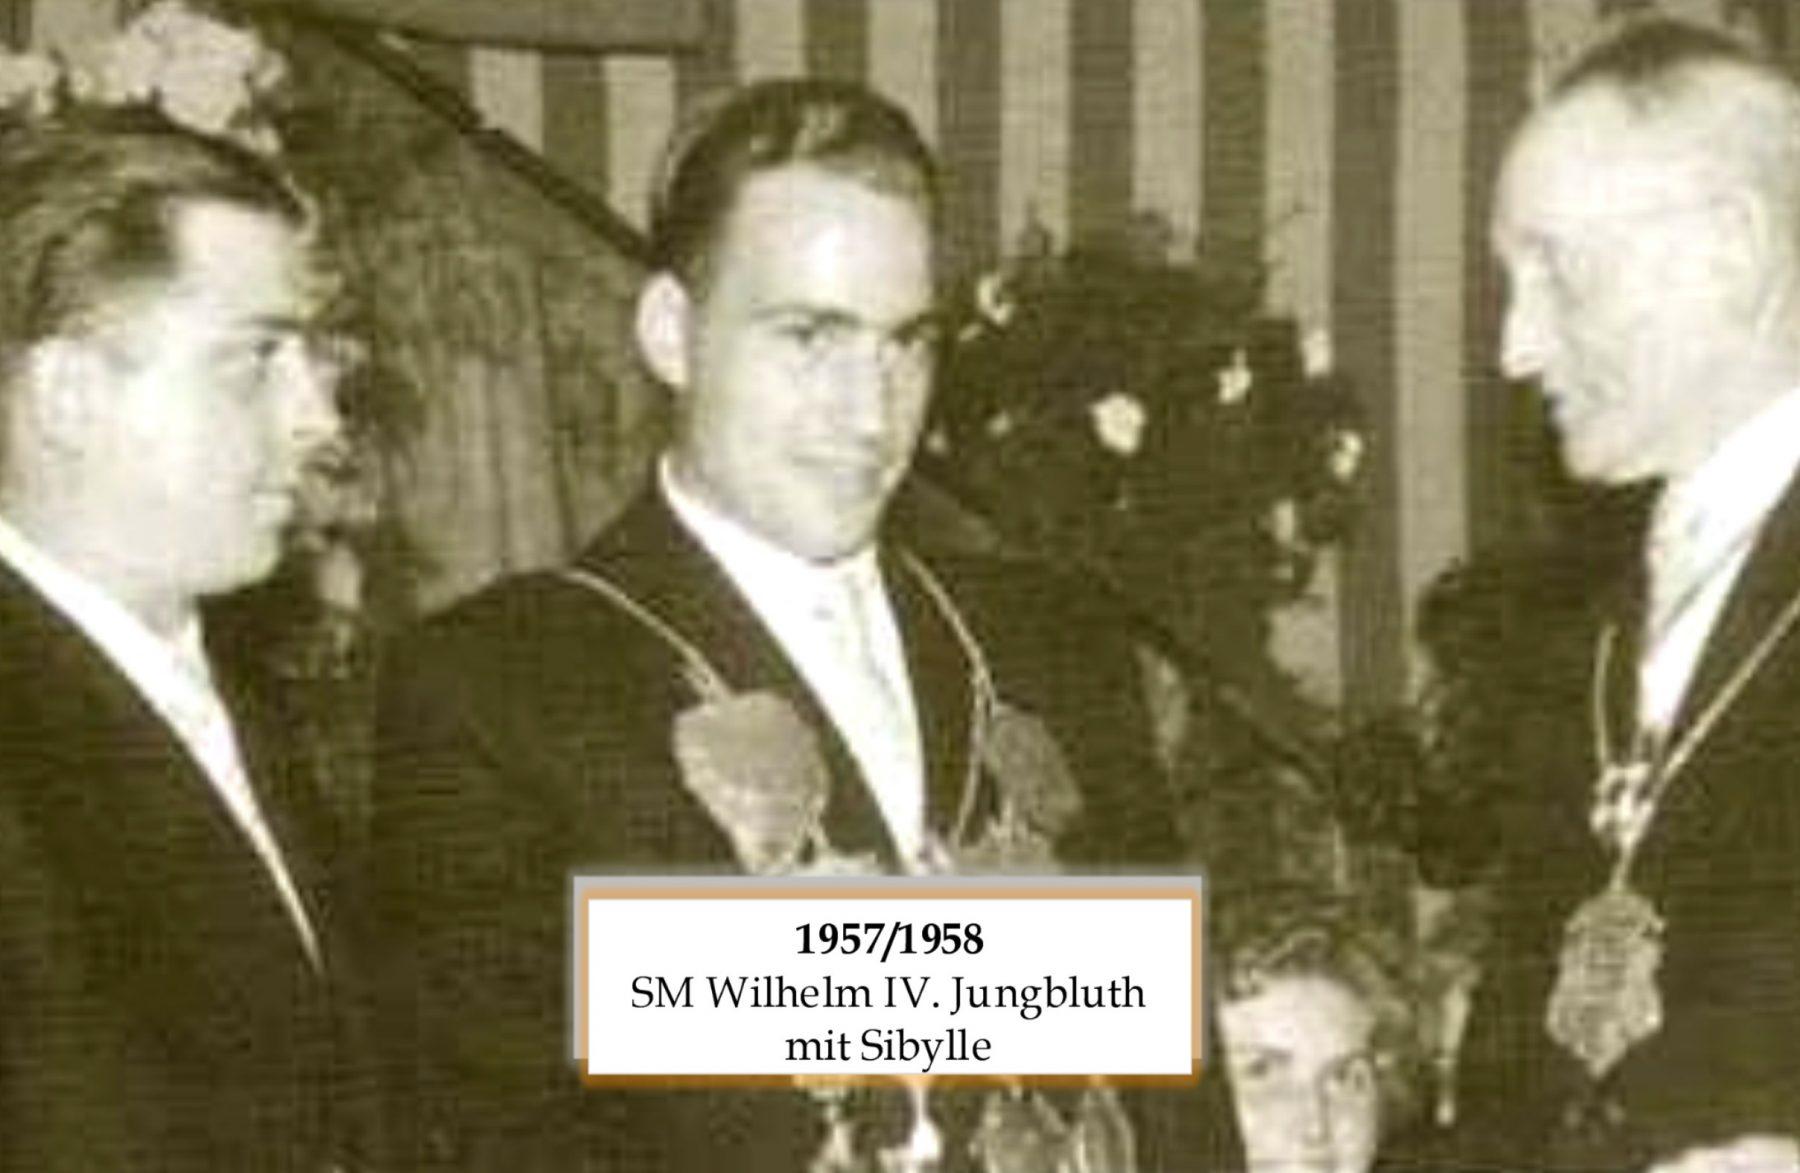 SM 1957/58 Wilhelm Jungbluth mit Sibylle